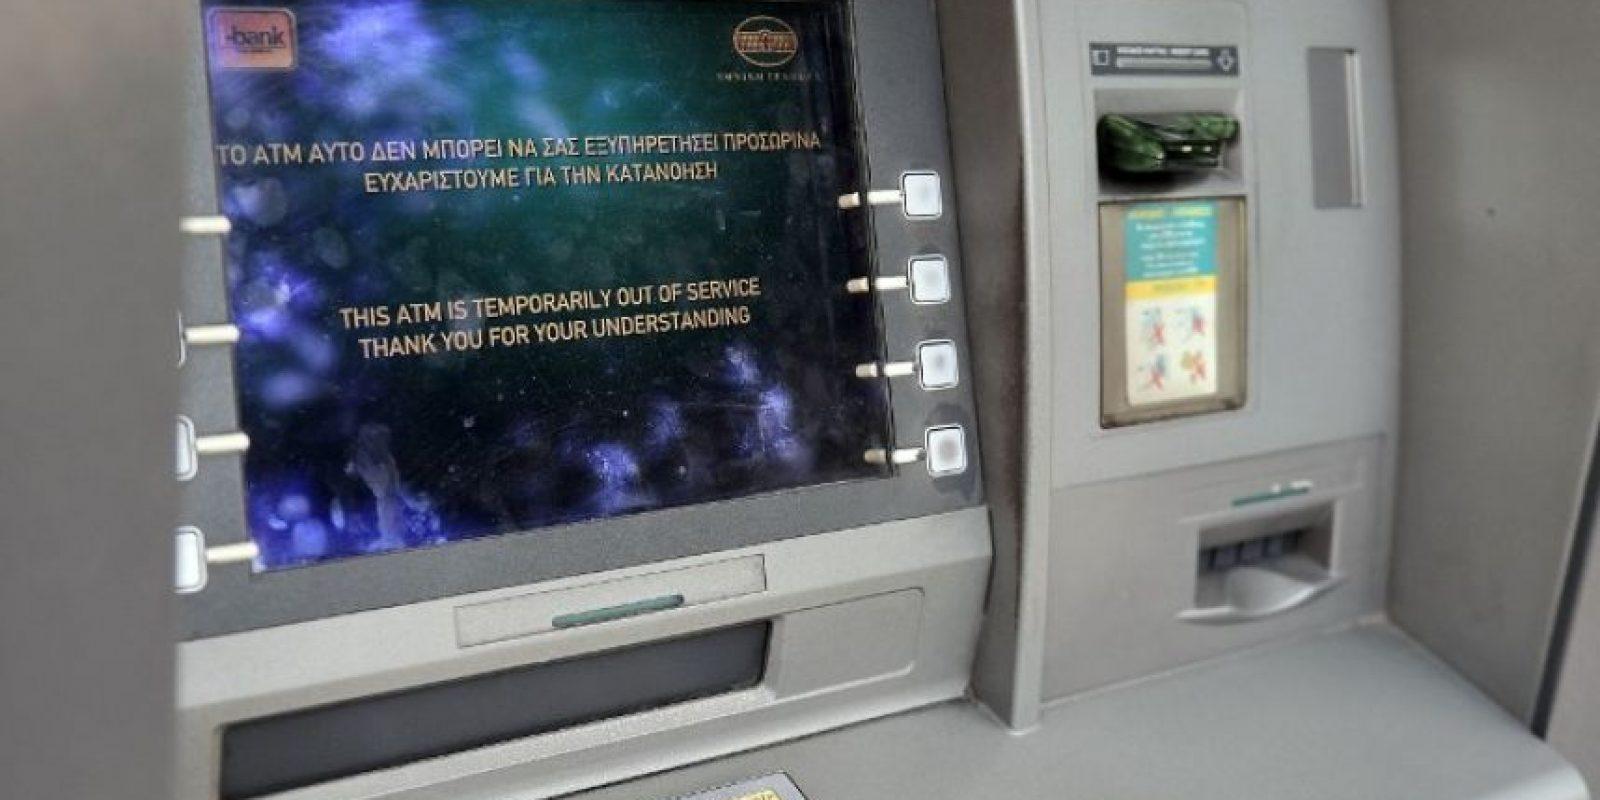 3. Los turistas en el país podrán sacar dinero normalmente de los cajeros automáticos, solamente con tarjetas de crédito o débito expedidas fuera de Grecia. Foto:AFP